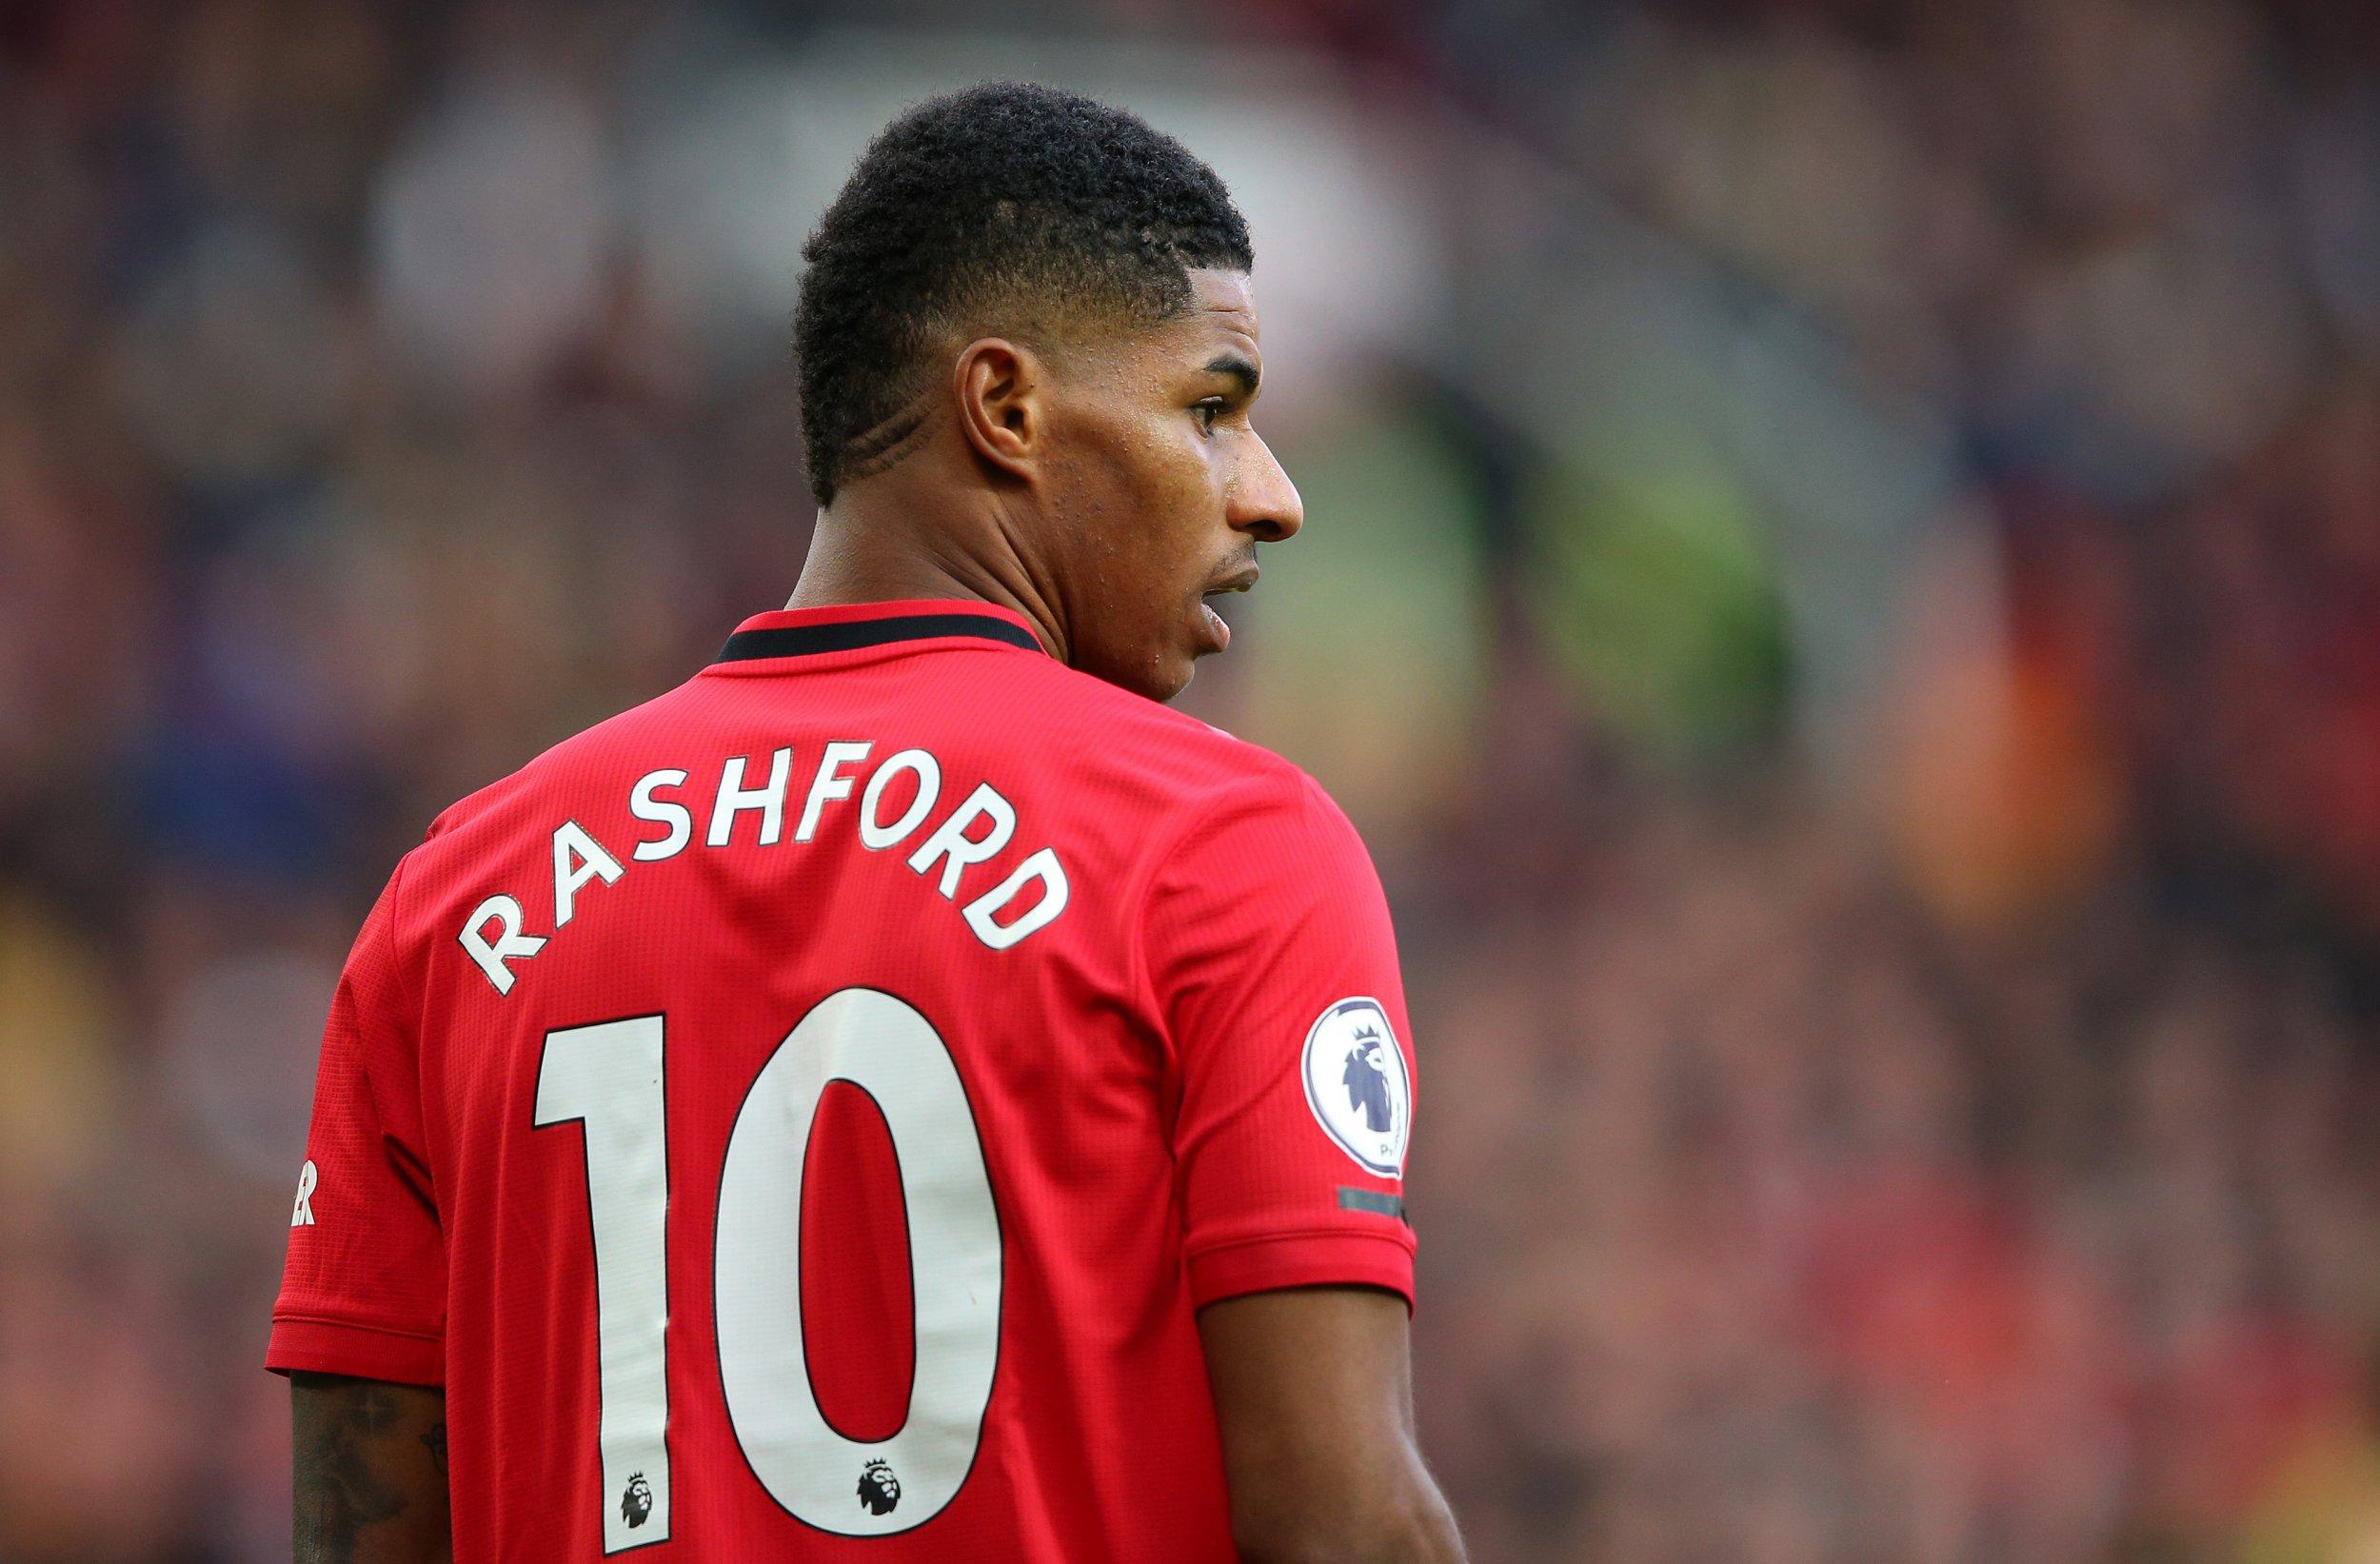 , Rashford Anaweza Kusepa Manchester United, Meridianbet